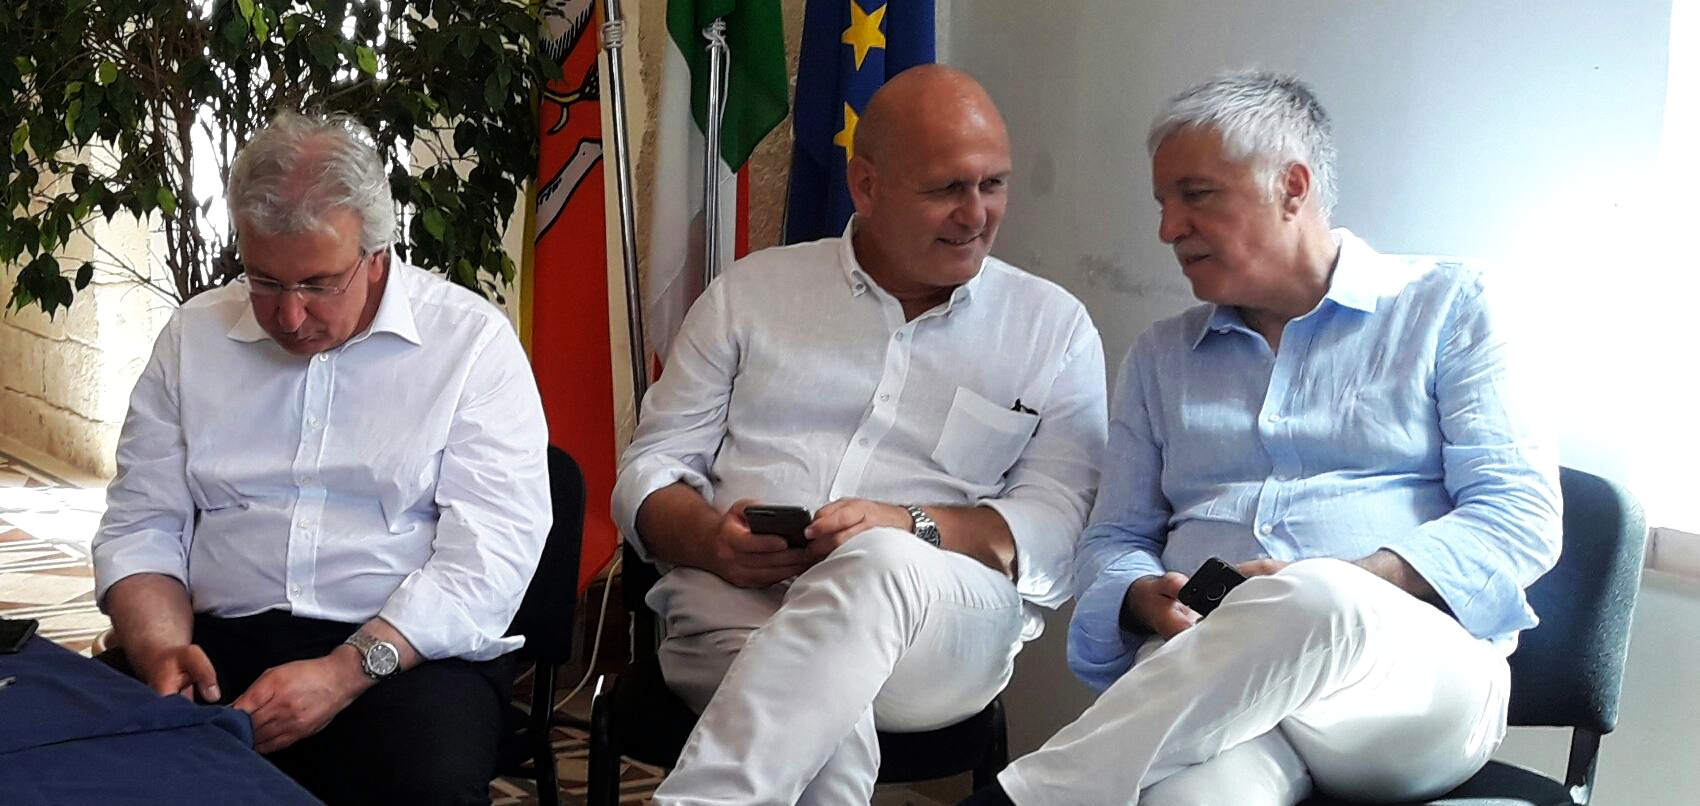 Baldo Gucciardi, Giovanni Migliore e Giovanni Bavetta